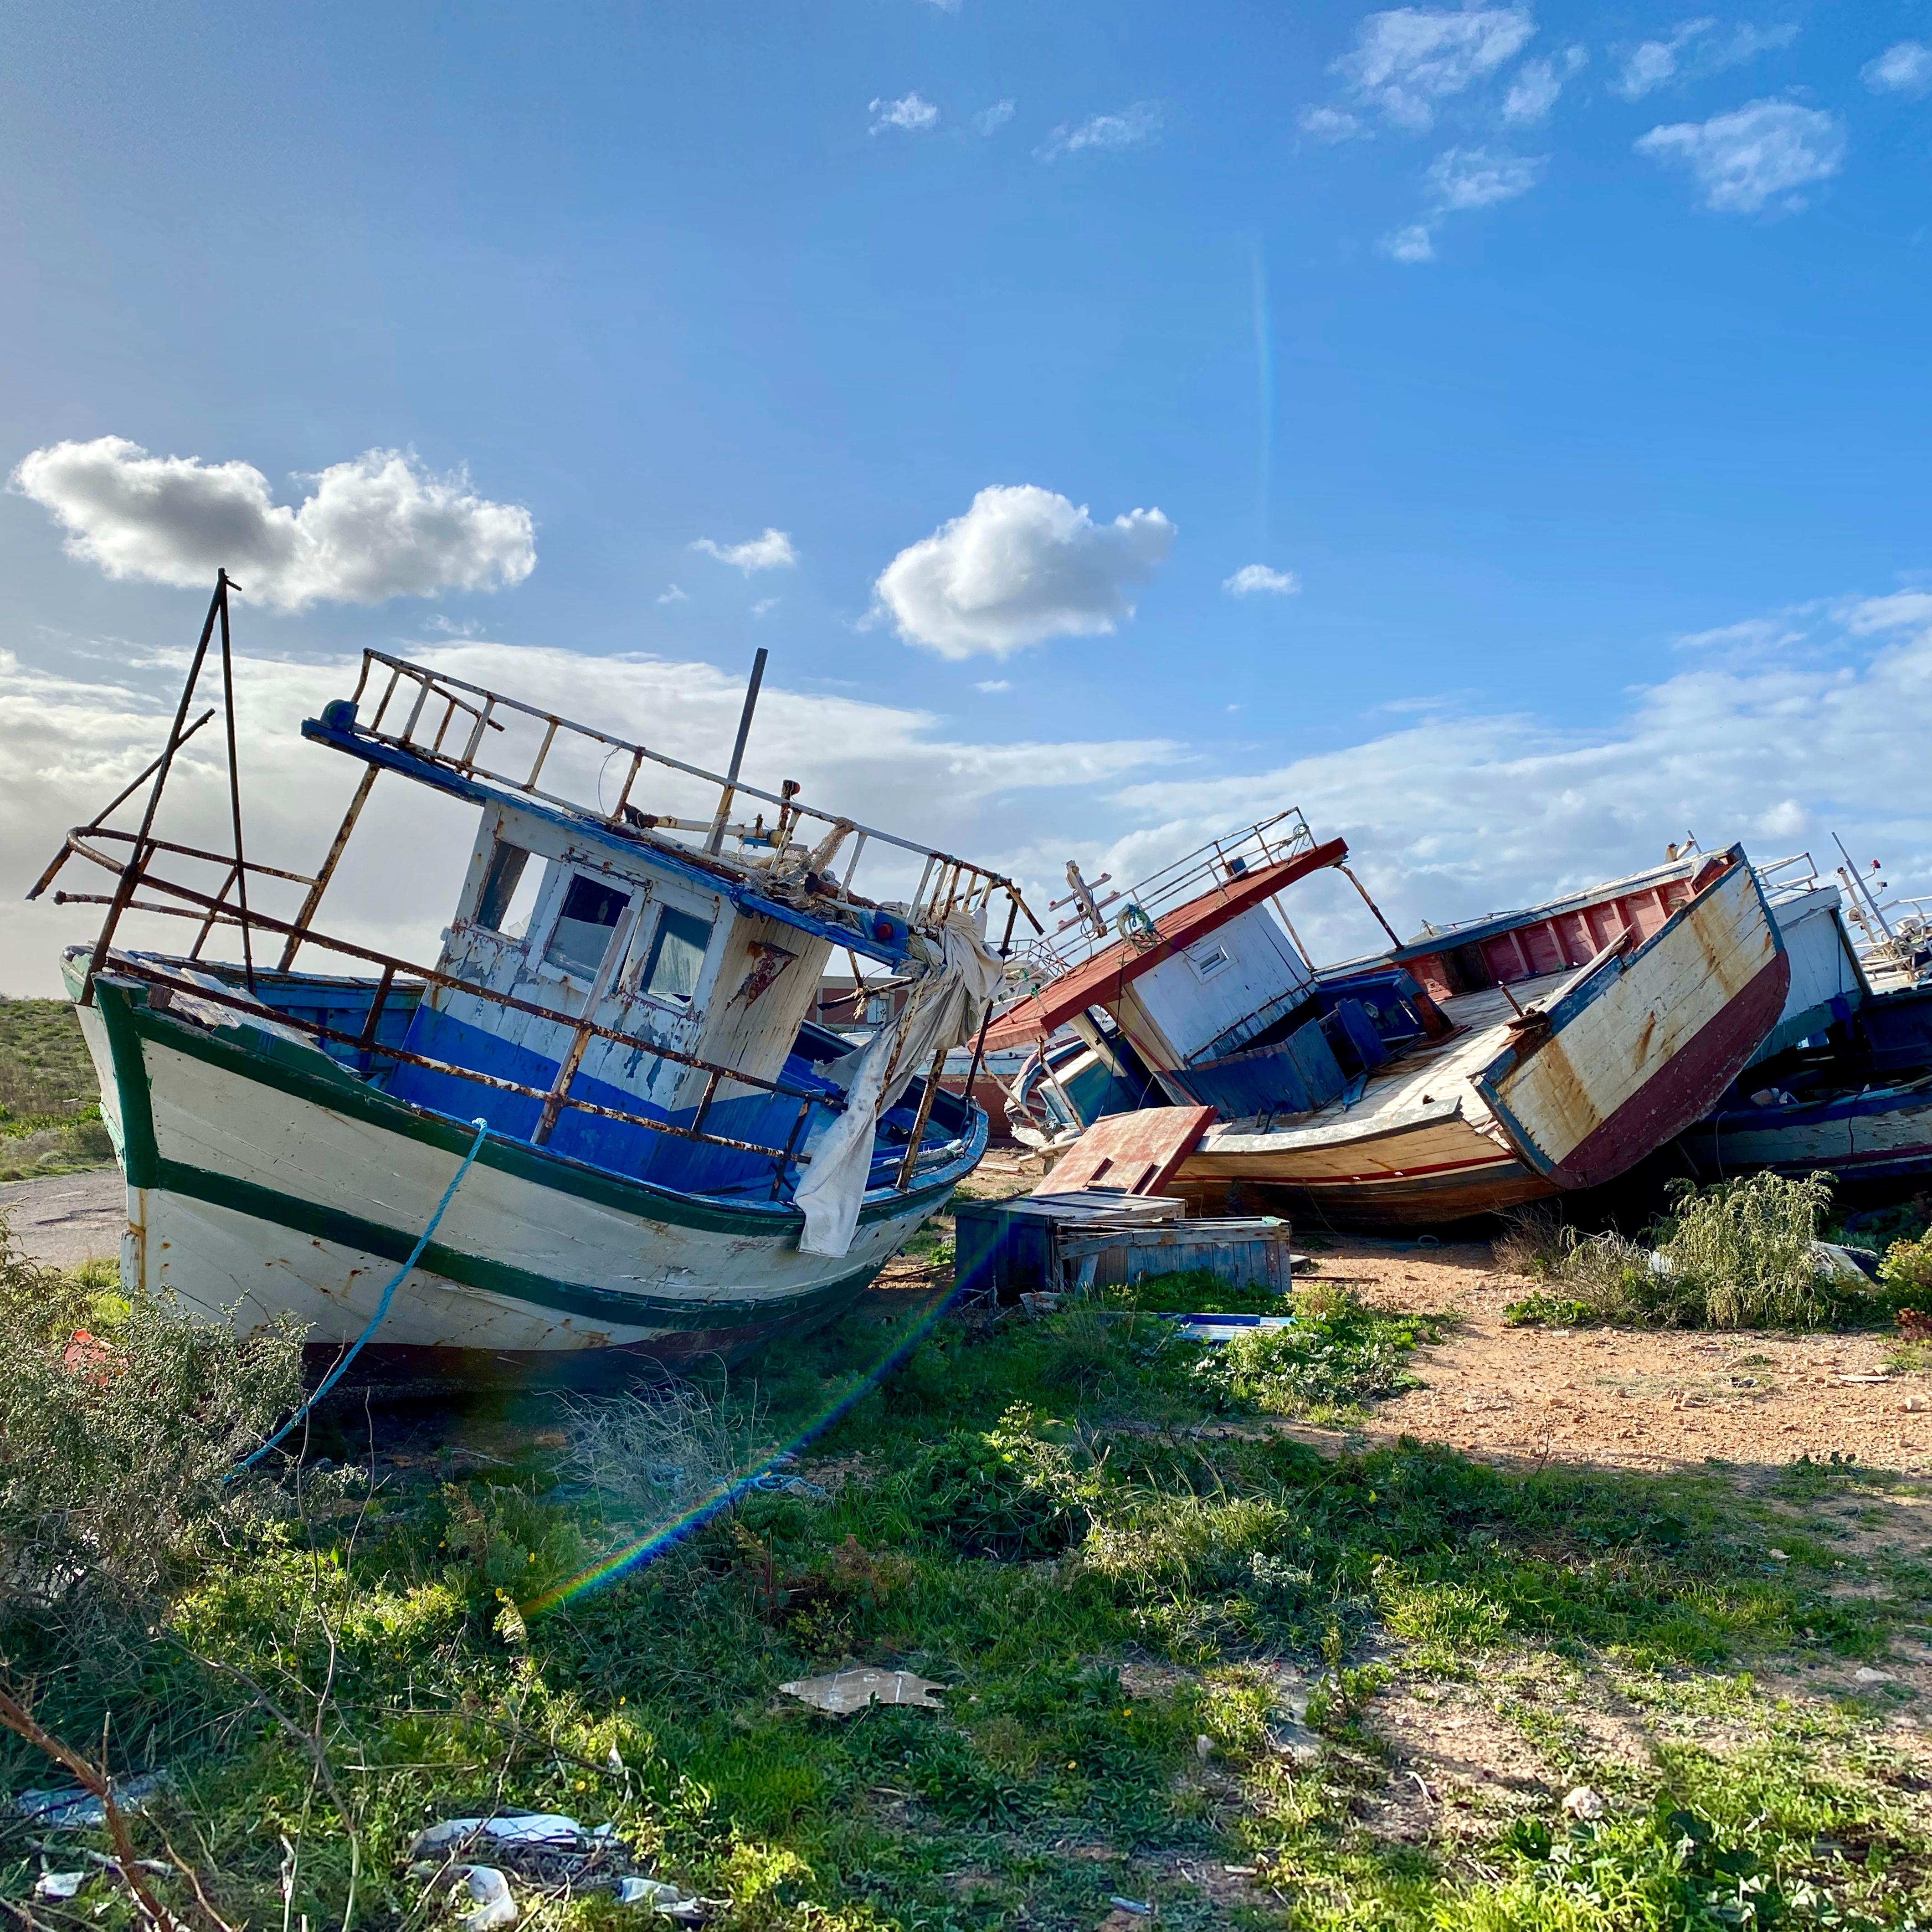 Avontuurlijk reisprogramma waarin Arnout Hauben dwars door de Middellandse Zee trekt, van west naar oost, van Gibraltar naar Jeruzalem. Met aanstekelijk enthousiasme reist hij langs bekende en minder bekende eilanden en gaat hij op zoek naar het verhaal van de mensen die in en met de Middellandse Zee leven. - Op zijn tocht door de Middellandse Zee zet Arnout voet aan wal op Lampedusa. Het eiland was de afgelopen jaren voor duizenden vluchtelingen de toegangspoort tot Europa. De vissers van het eiland redden bijna dagelijks mensen op zee. De reis gaat verder richting Malta. Daar is een groot volksfeest gaande ter ere van apostel Paulus, die 2000 jaar geleden schipbreuk leed voor de kust van het eiland...  (beeld © VRT)